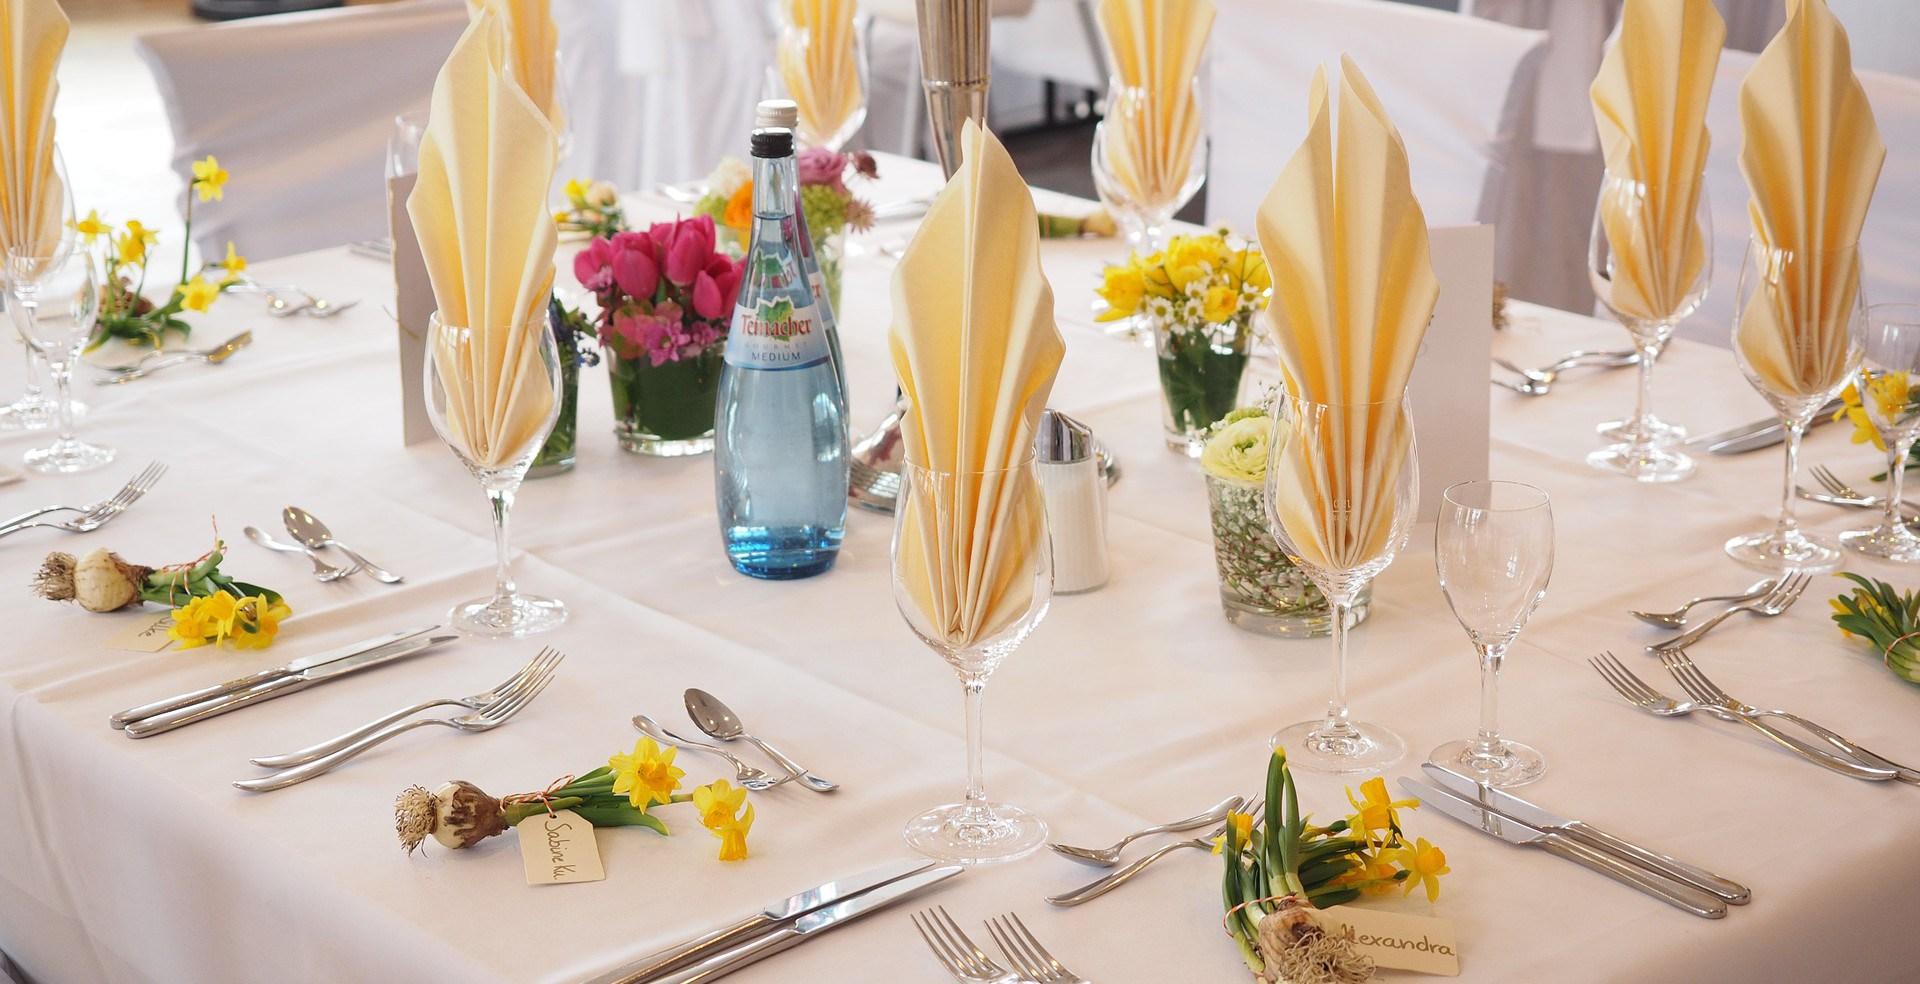 wedding-table-1174135_1920-e1457097649236